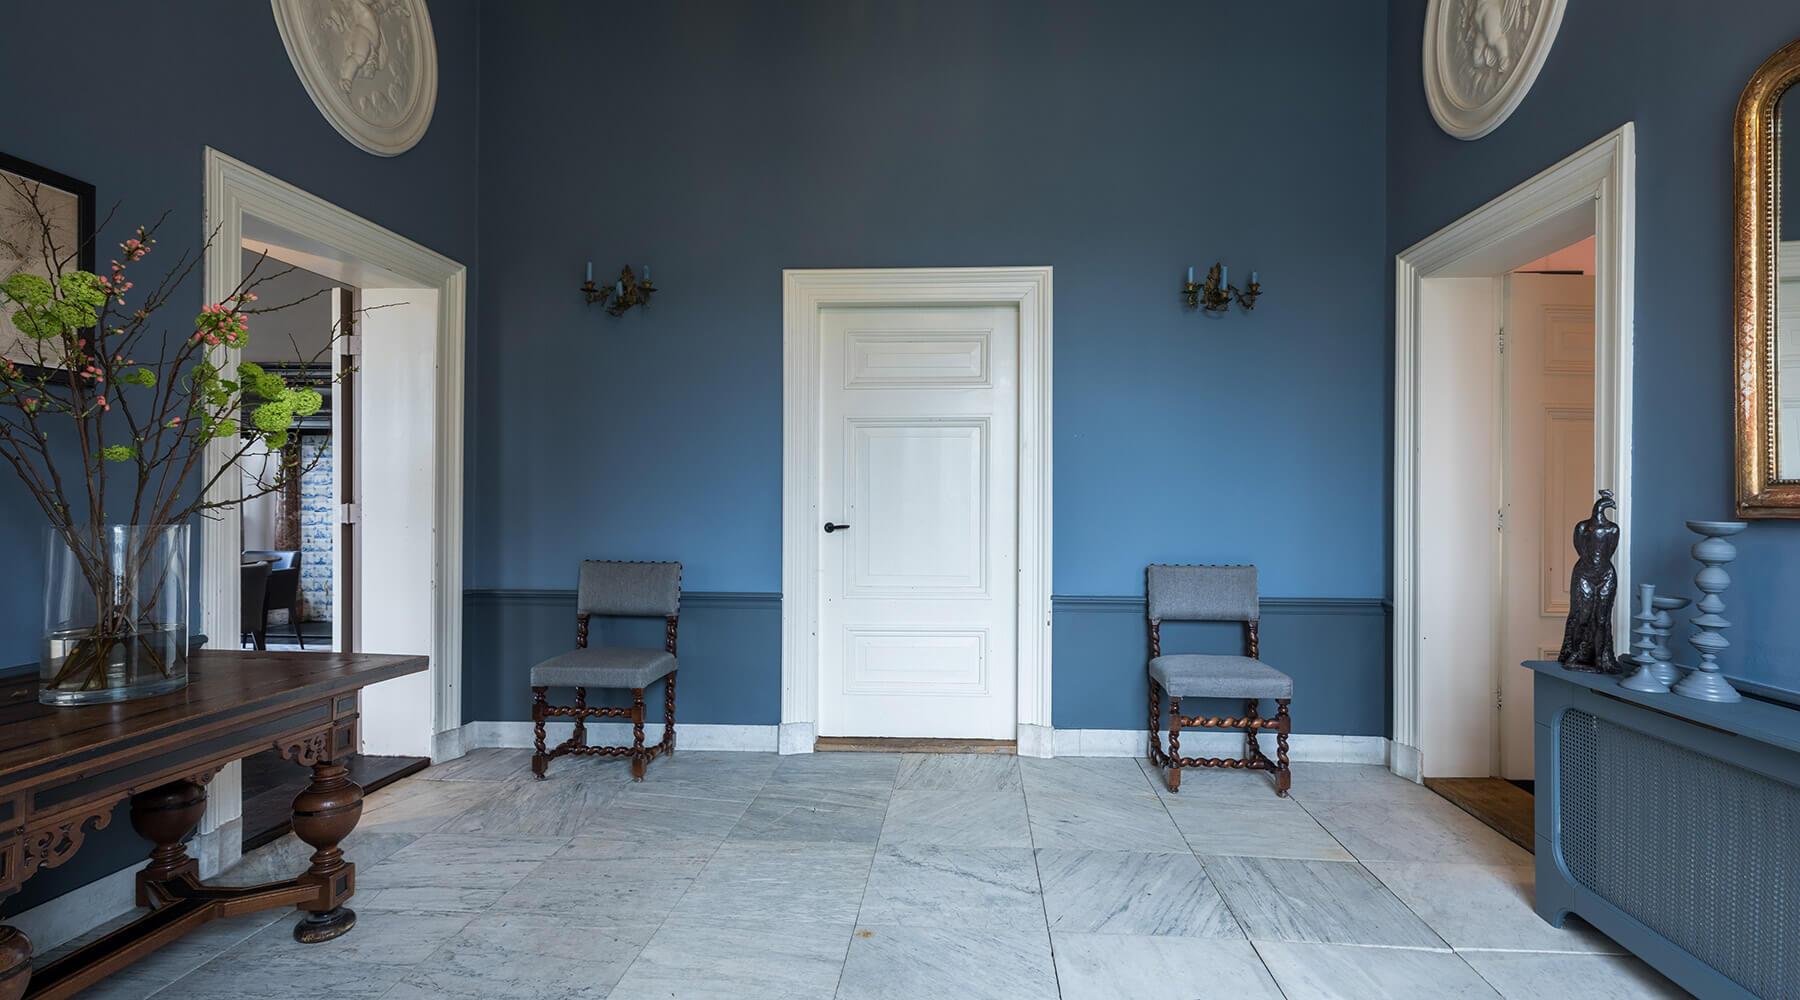 huis-oudegein-vergaderlocatie-utrecht-vergaderen